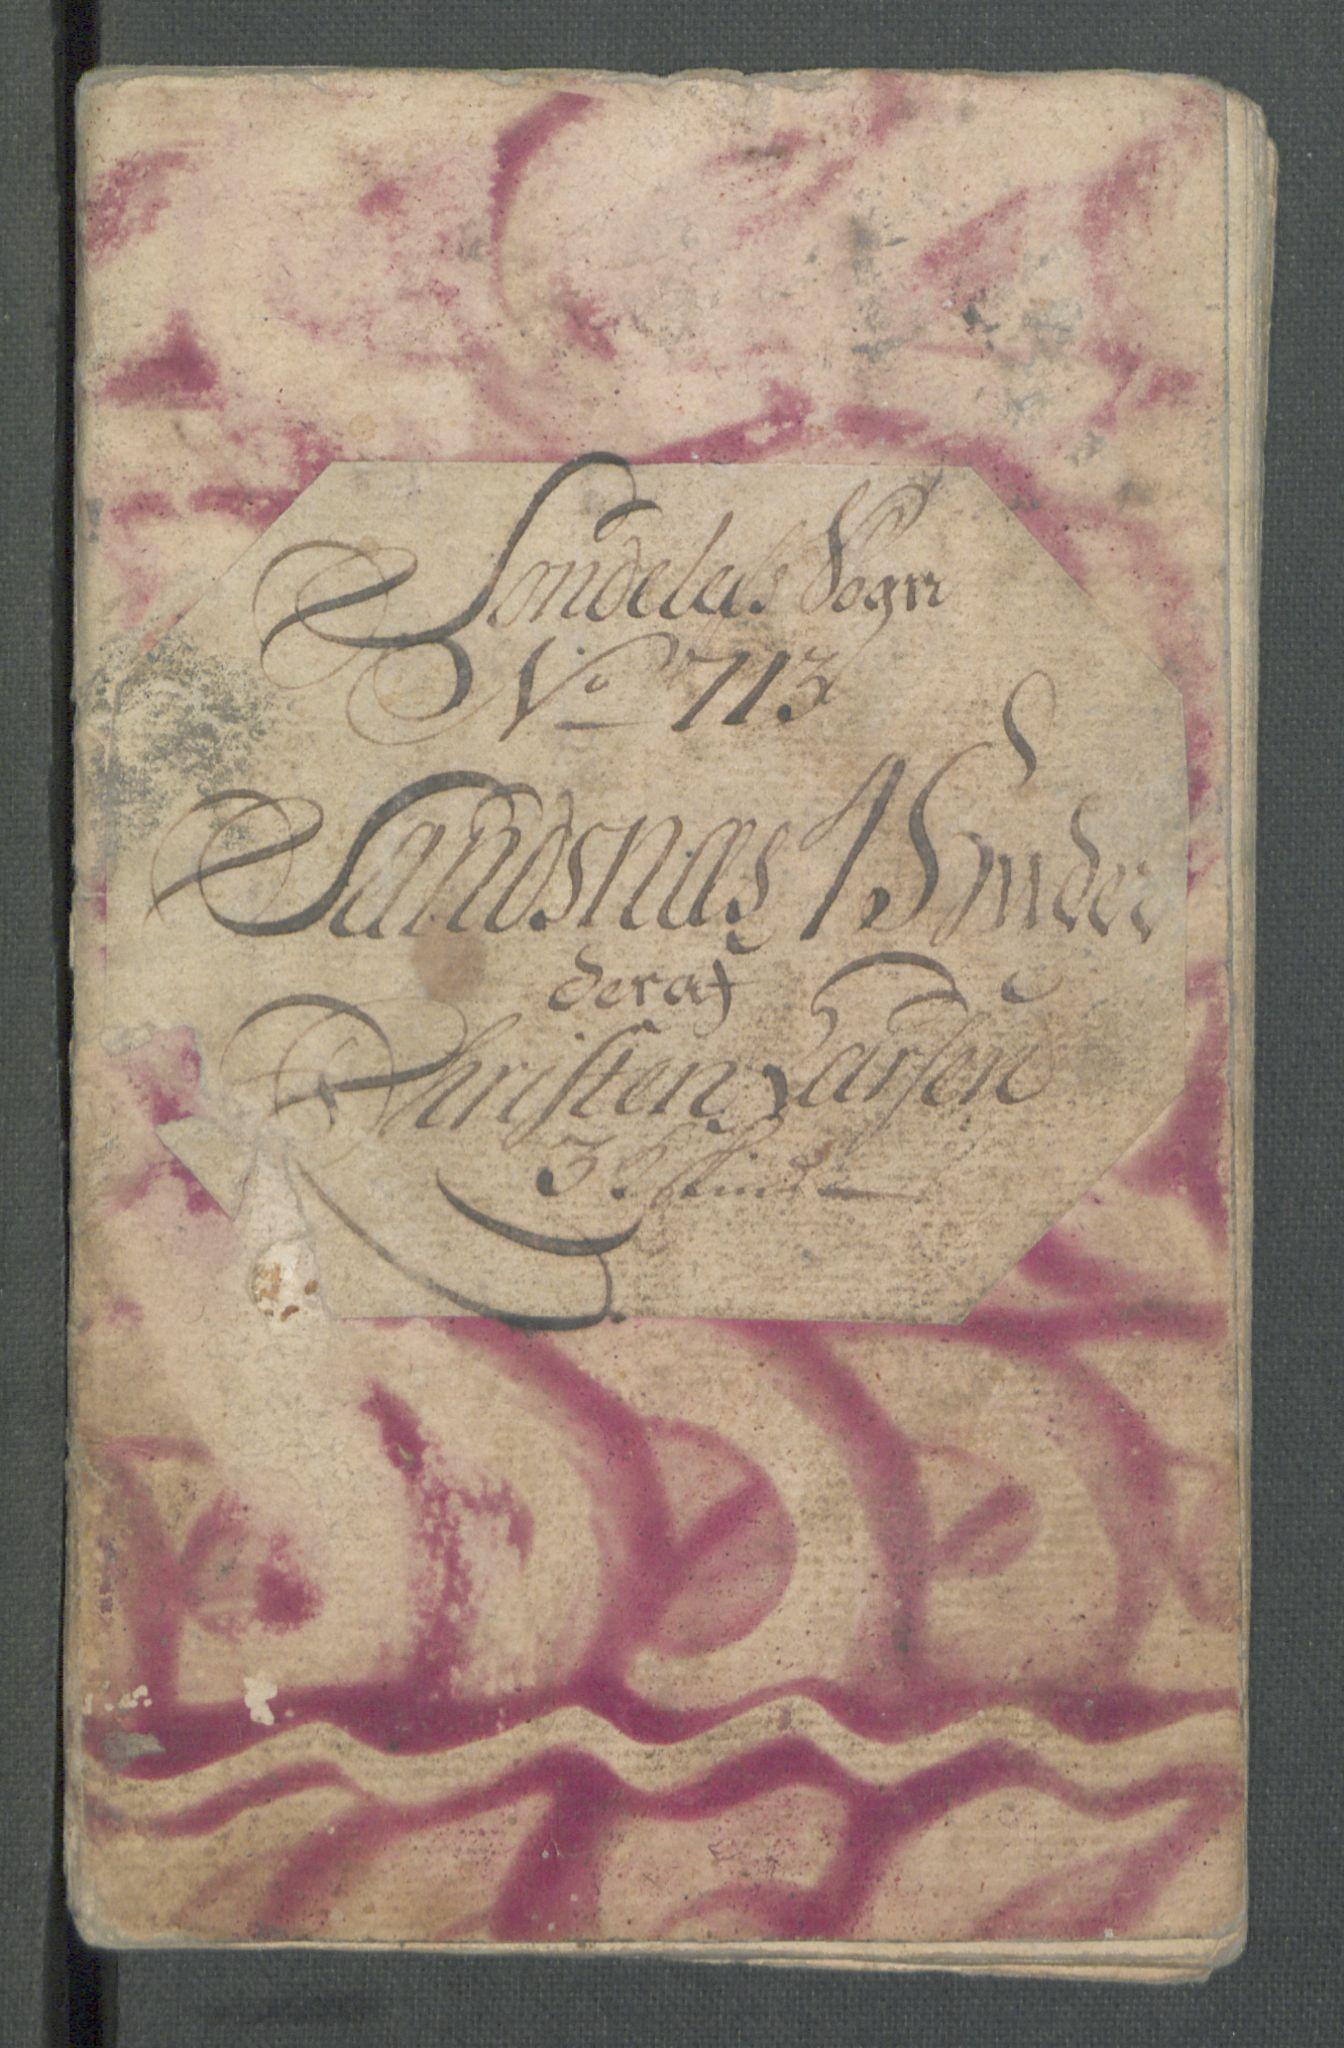 RA, Rentekammeret inntil 1814, Realistisk ordnet avdeling, Od/L0001: Oppløp, 1786-1769, s. 291